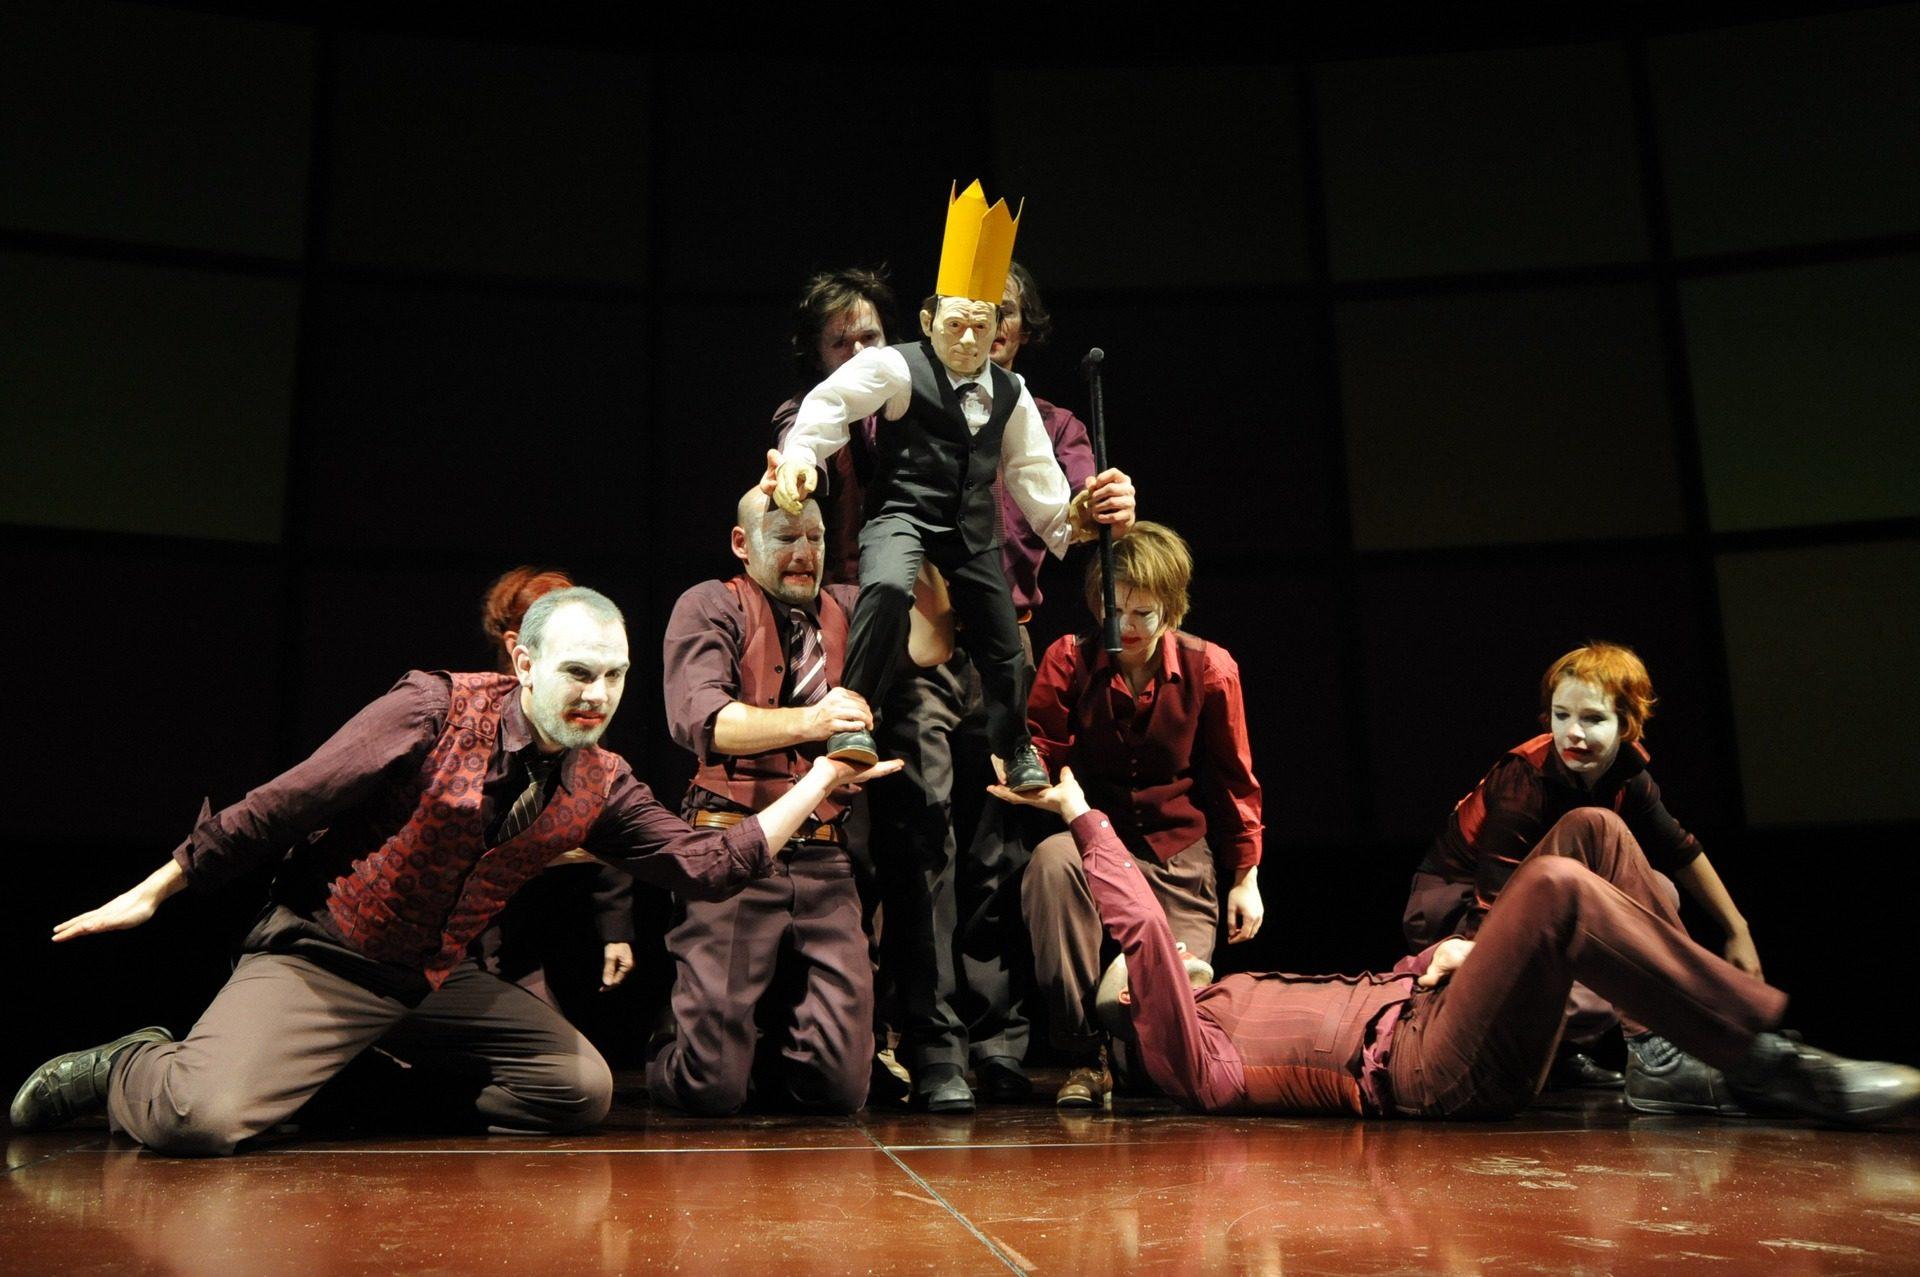 L'hectare scene conventionnée de la marionnette à Vendôme